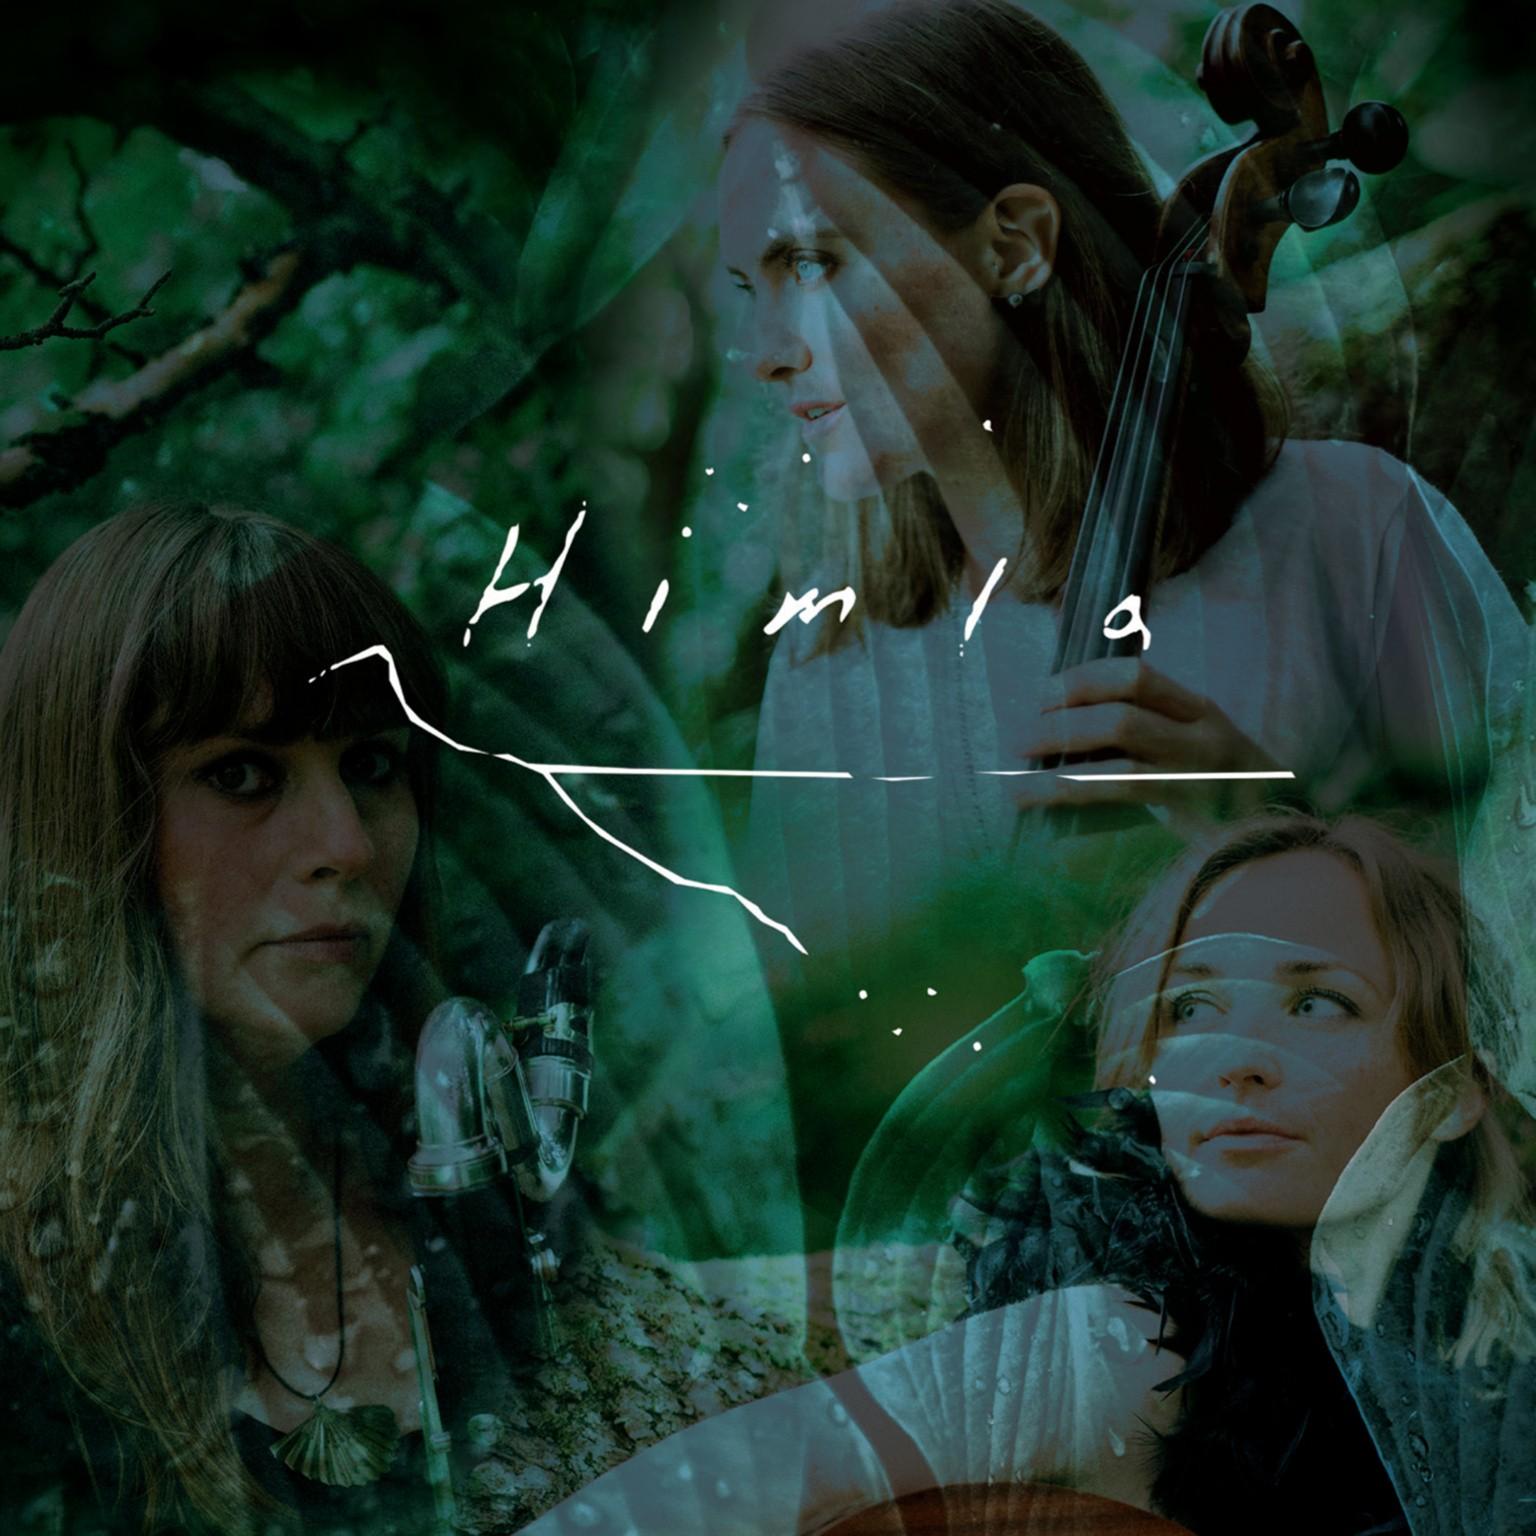 Himla - Himla